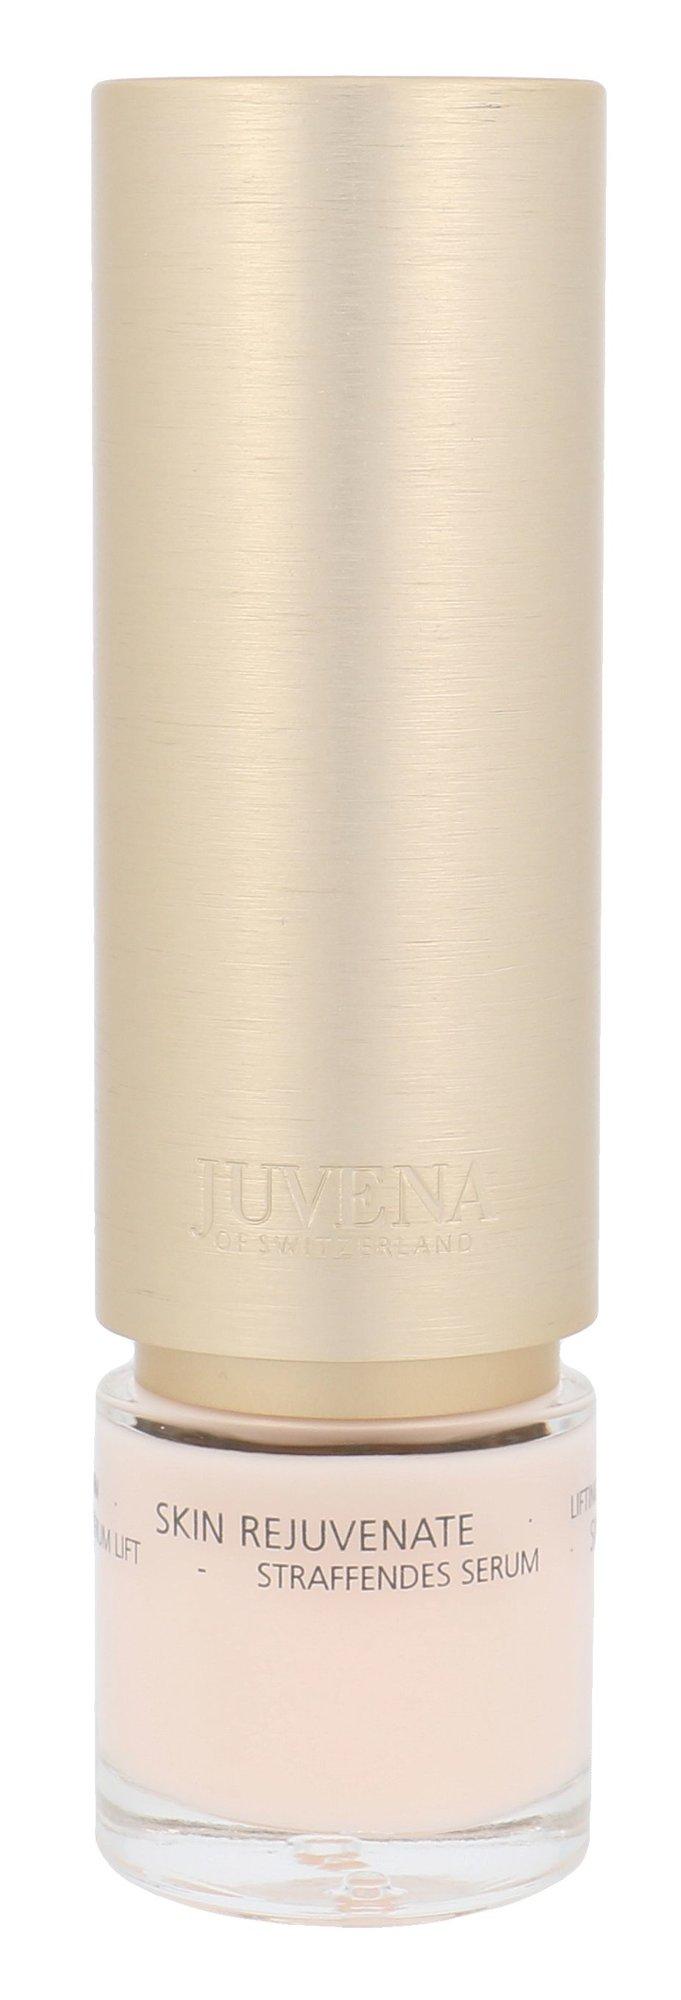 Juvena Skin Rejuvenate Skin Serum 30ml